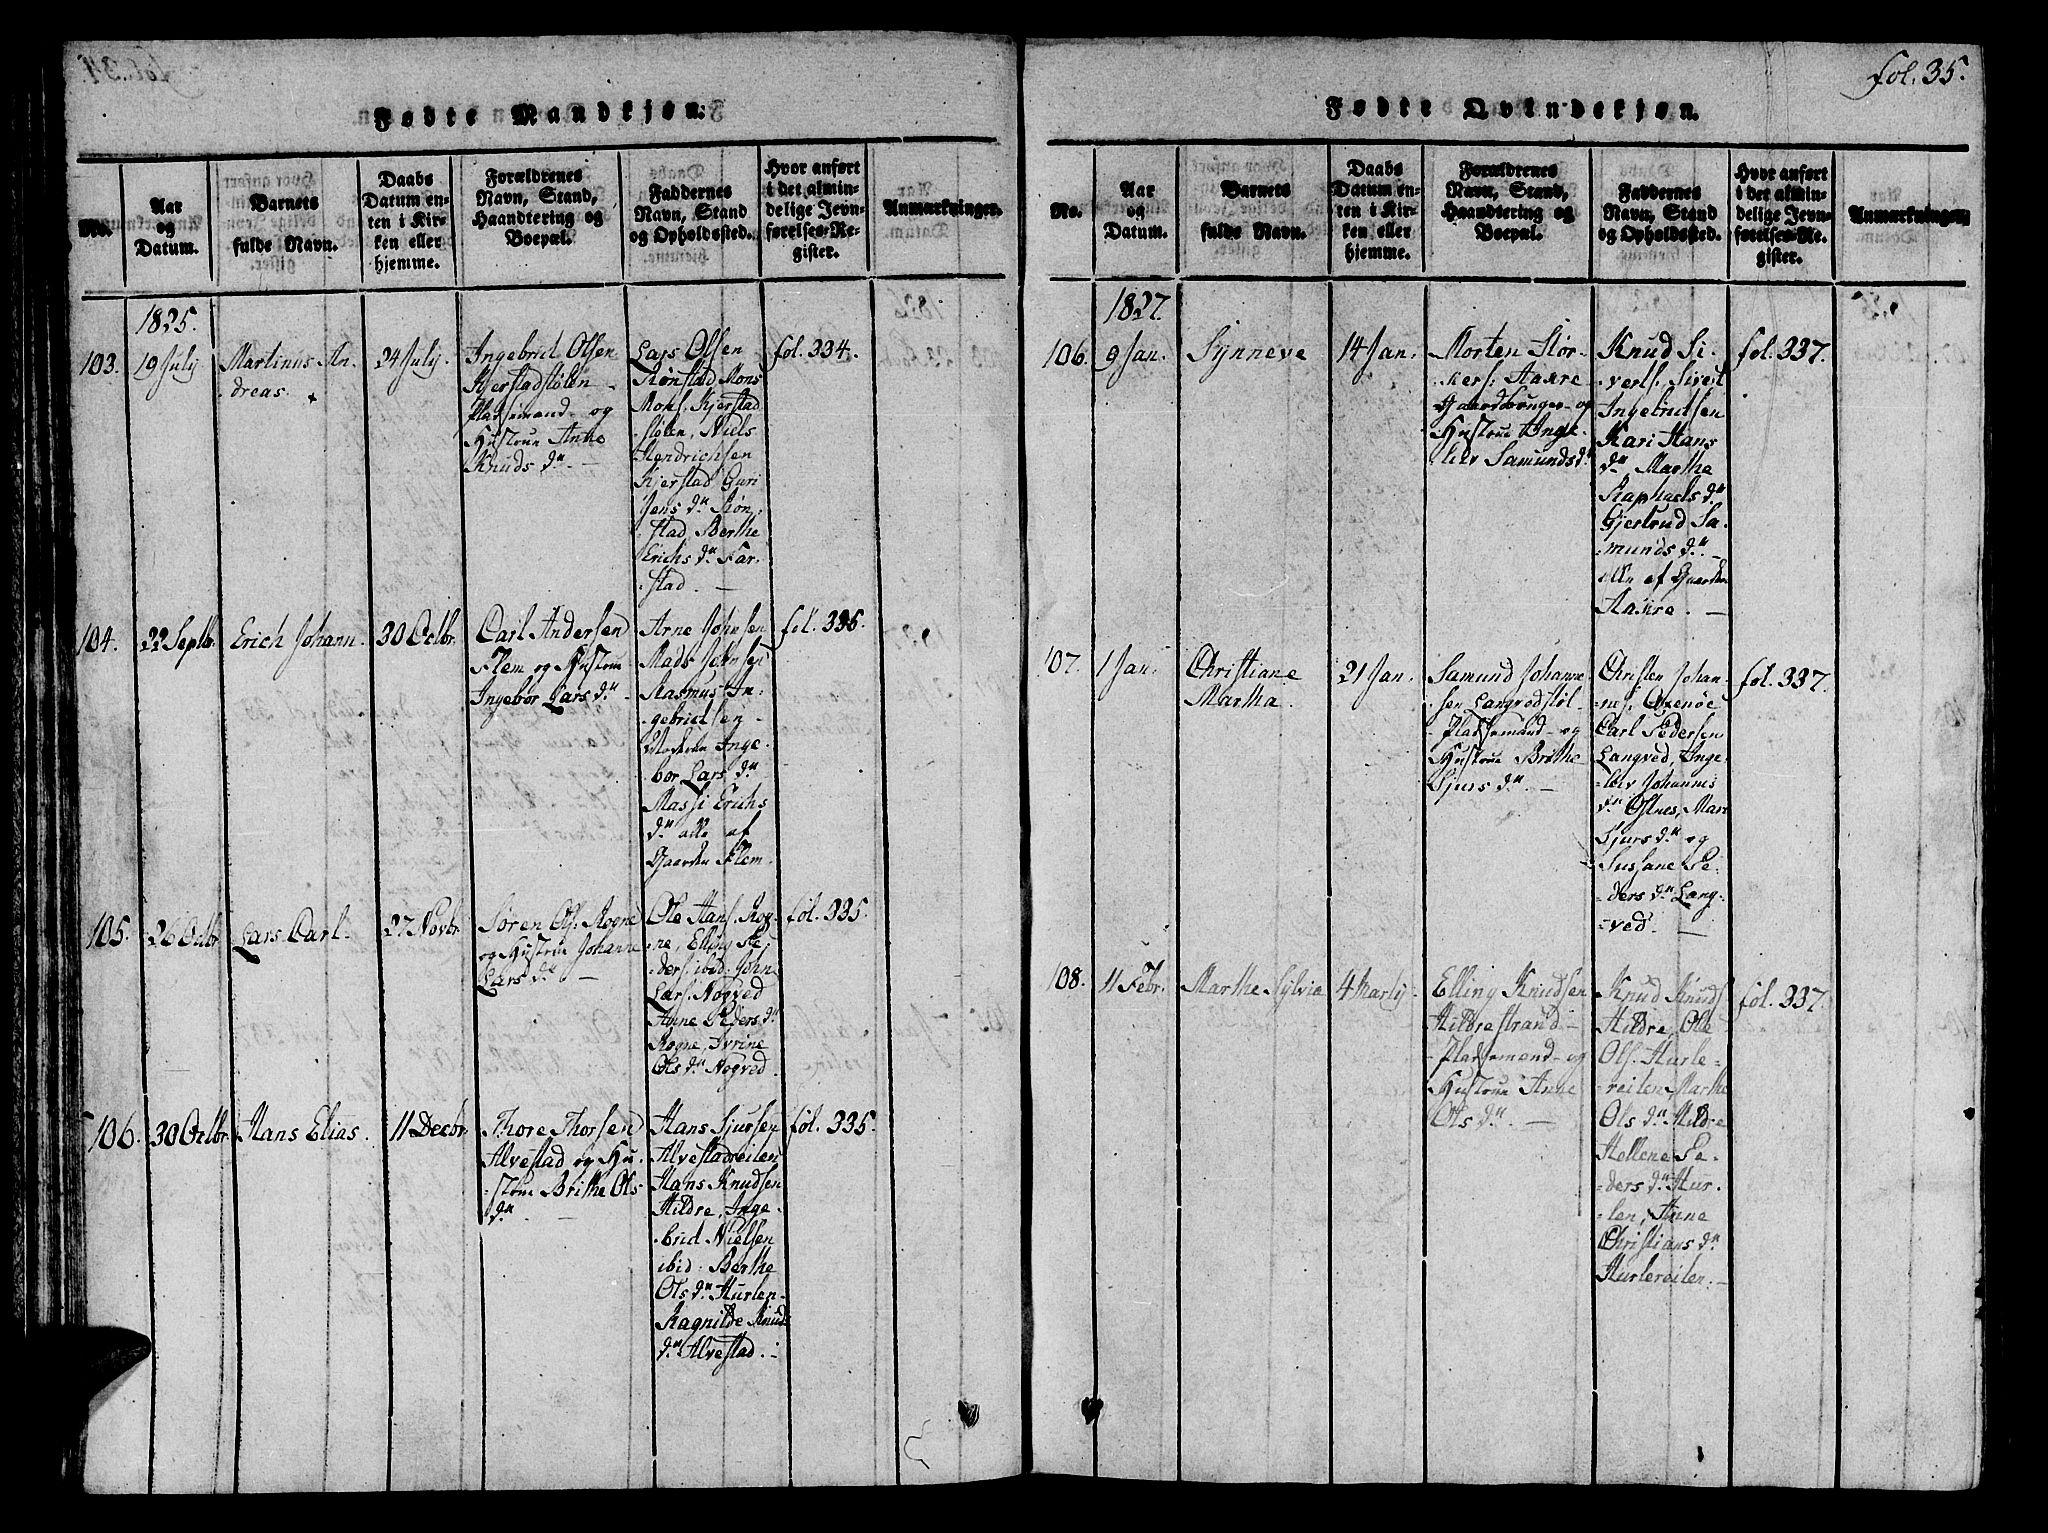 SAT, Ministerialprotokoller, klokkerbøker og fødselsregistre - Møre og Romsdal, 536/L0495: Ministerialbok nr. 536A04, 1818-1847, s. 35